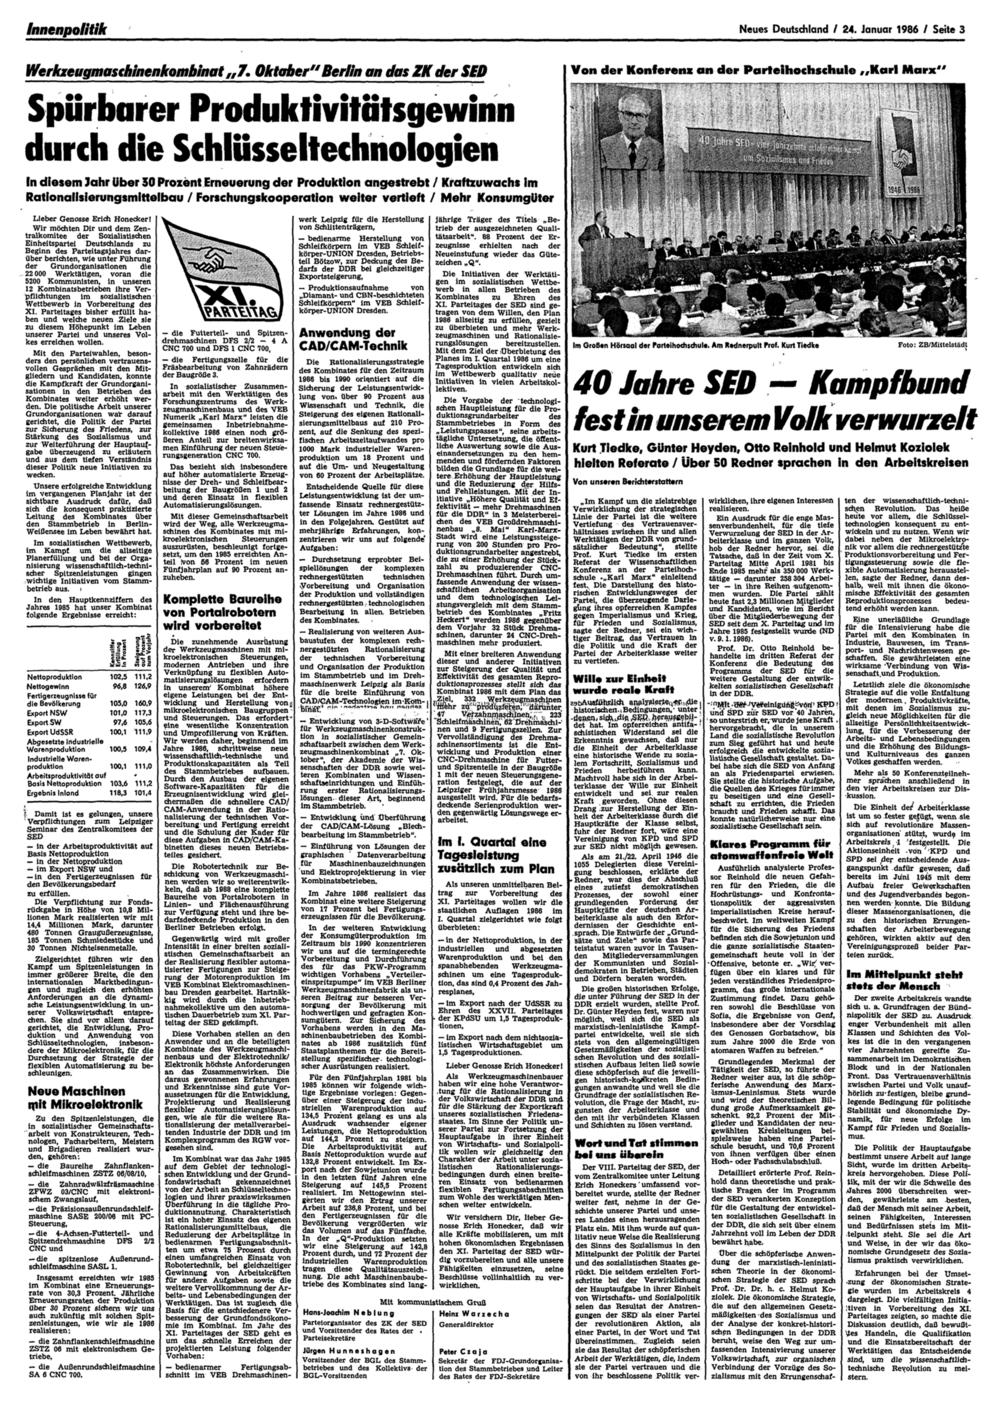 neues-deutschland-1986-03-02.jpg